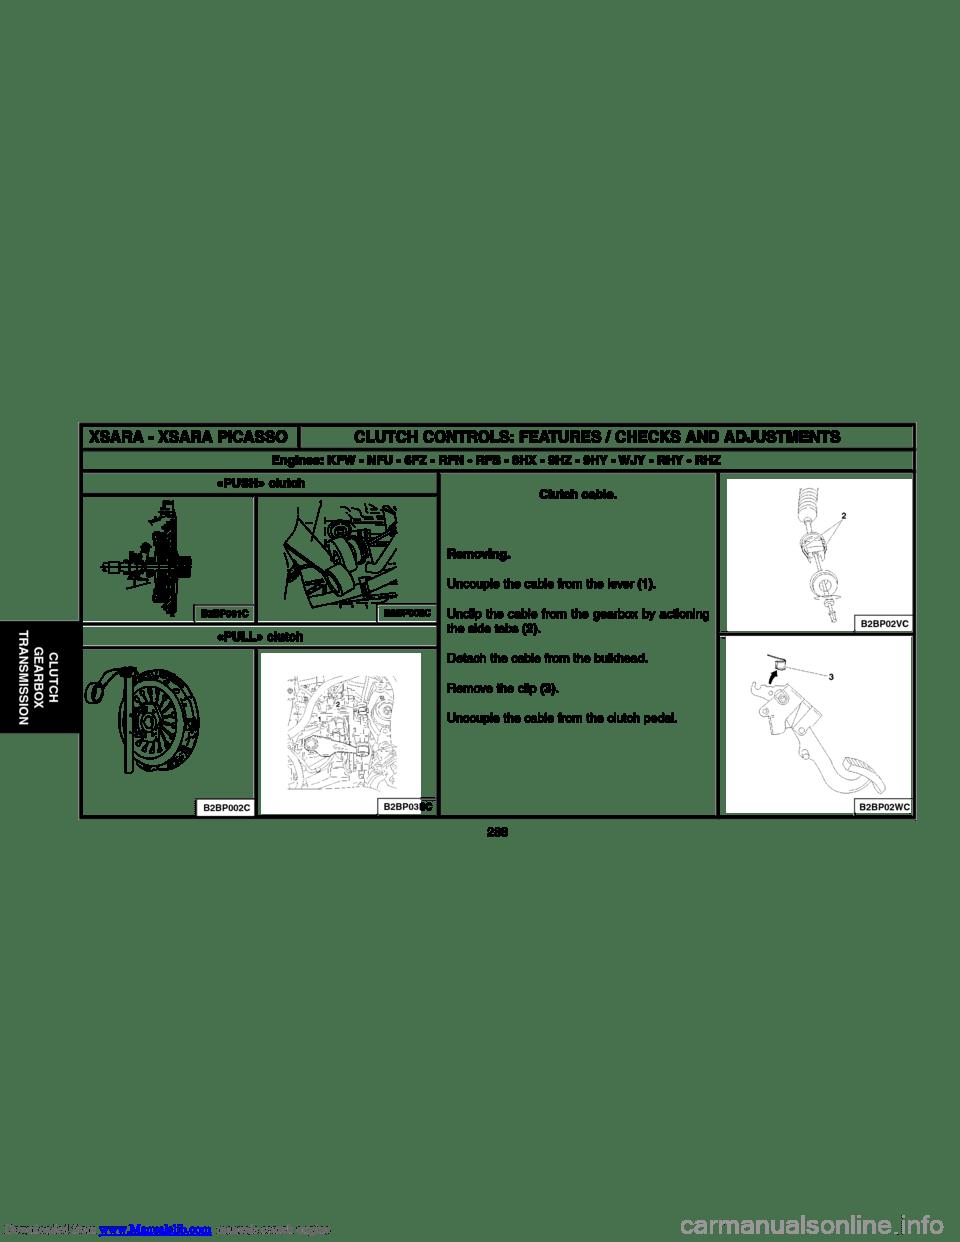 Citroen C3 2004 1.G Workshop Manual (523 Pages), Page 300